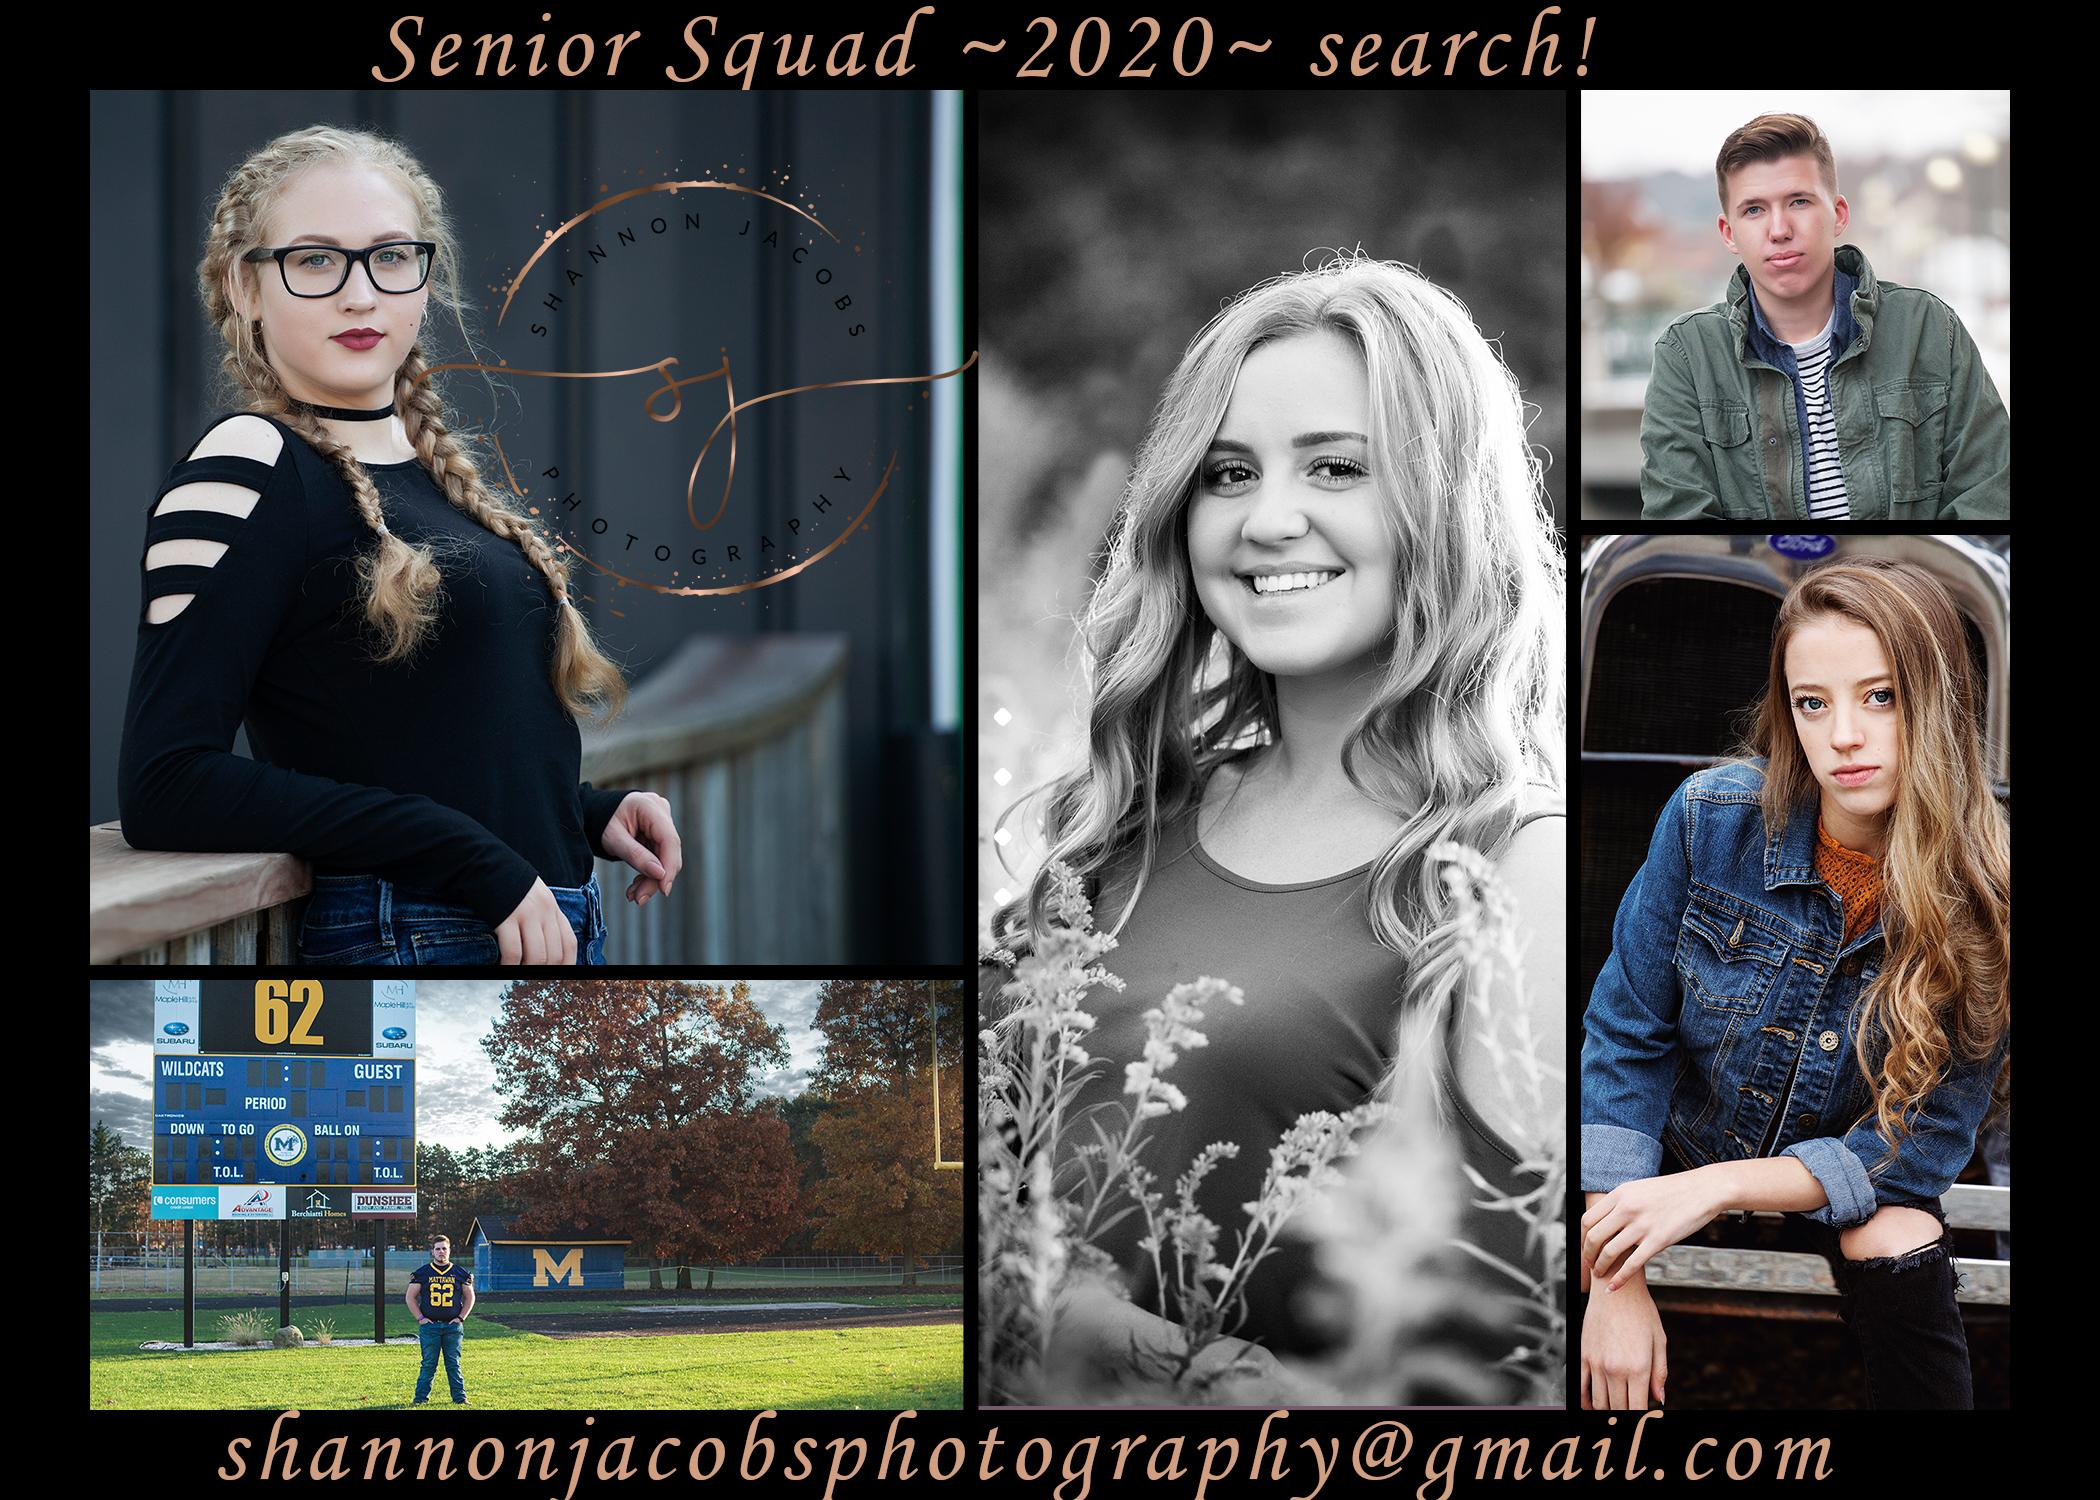 seniorsquad2020.jpg